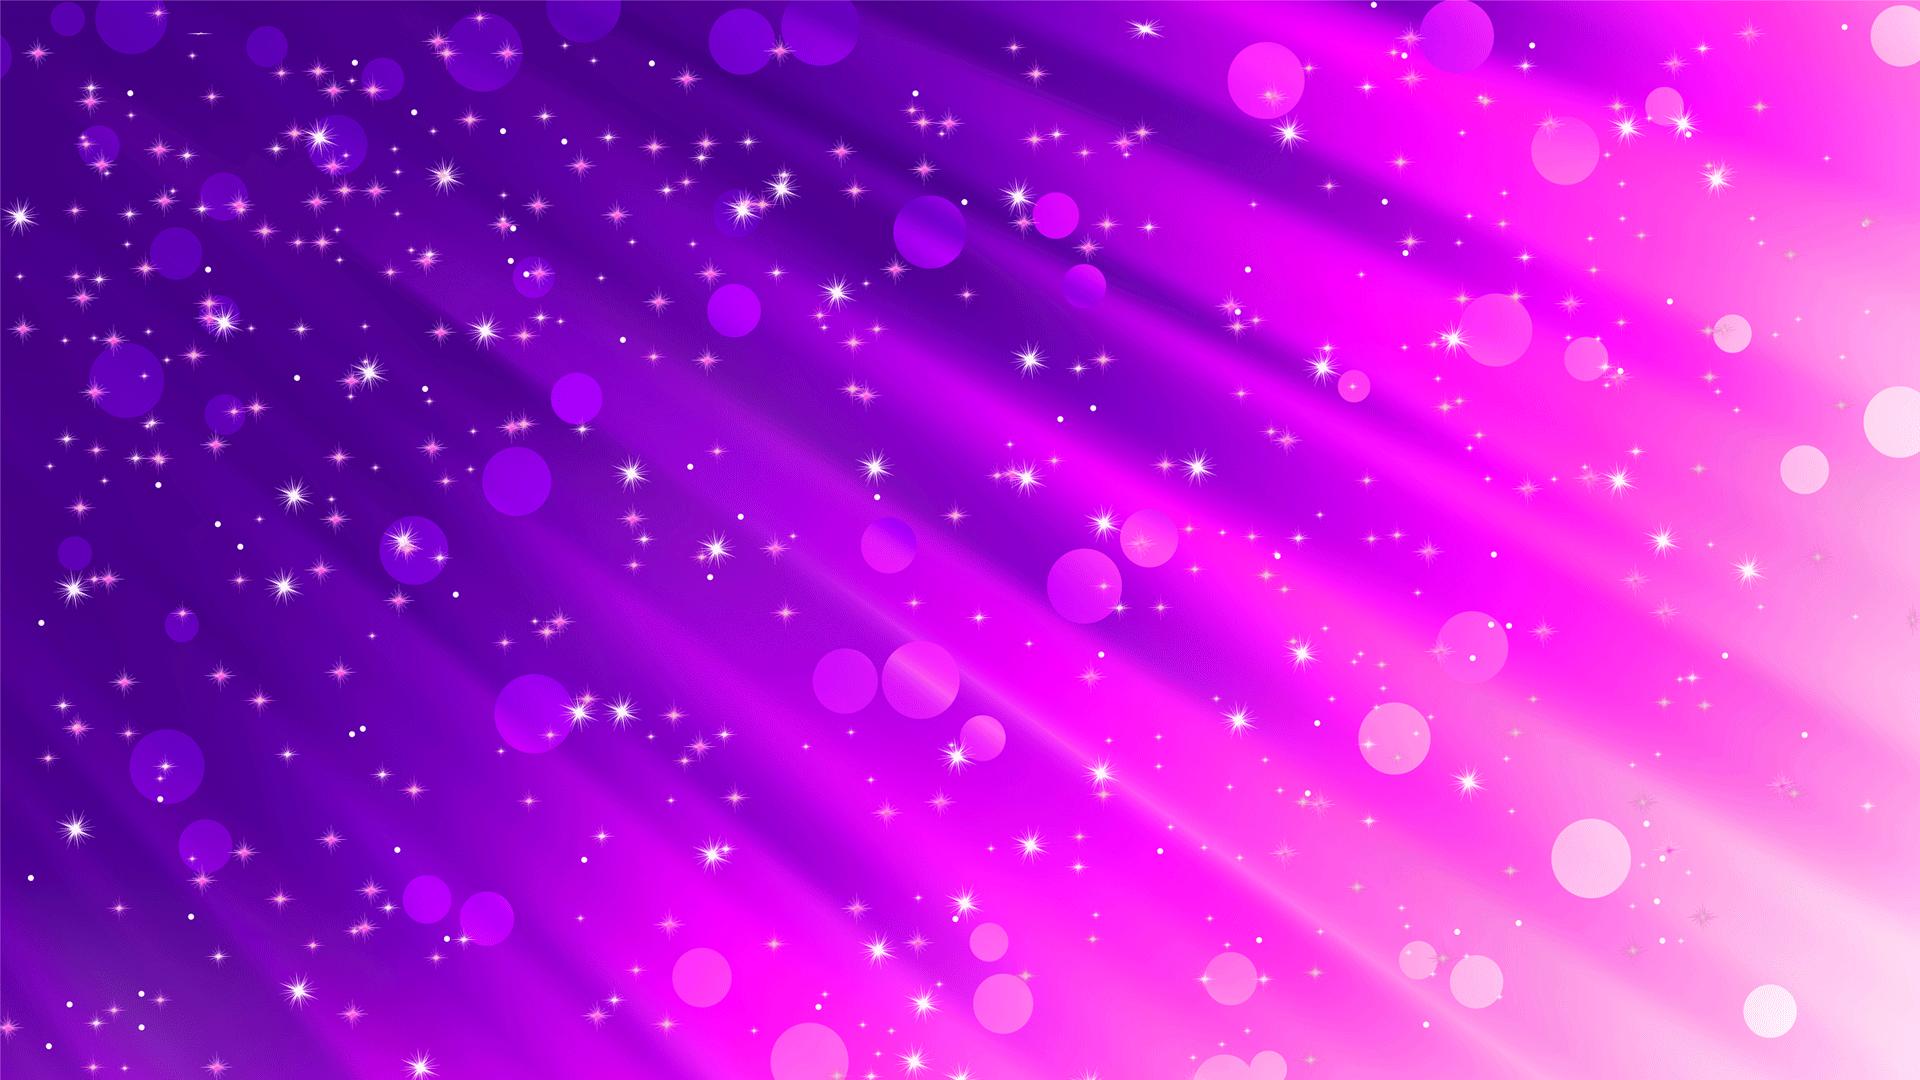 starry-back-purple